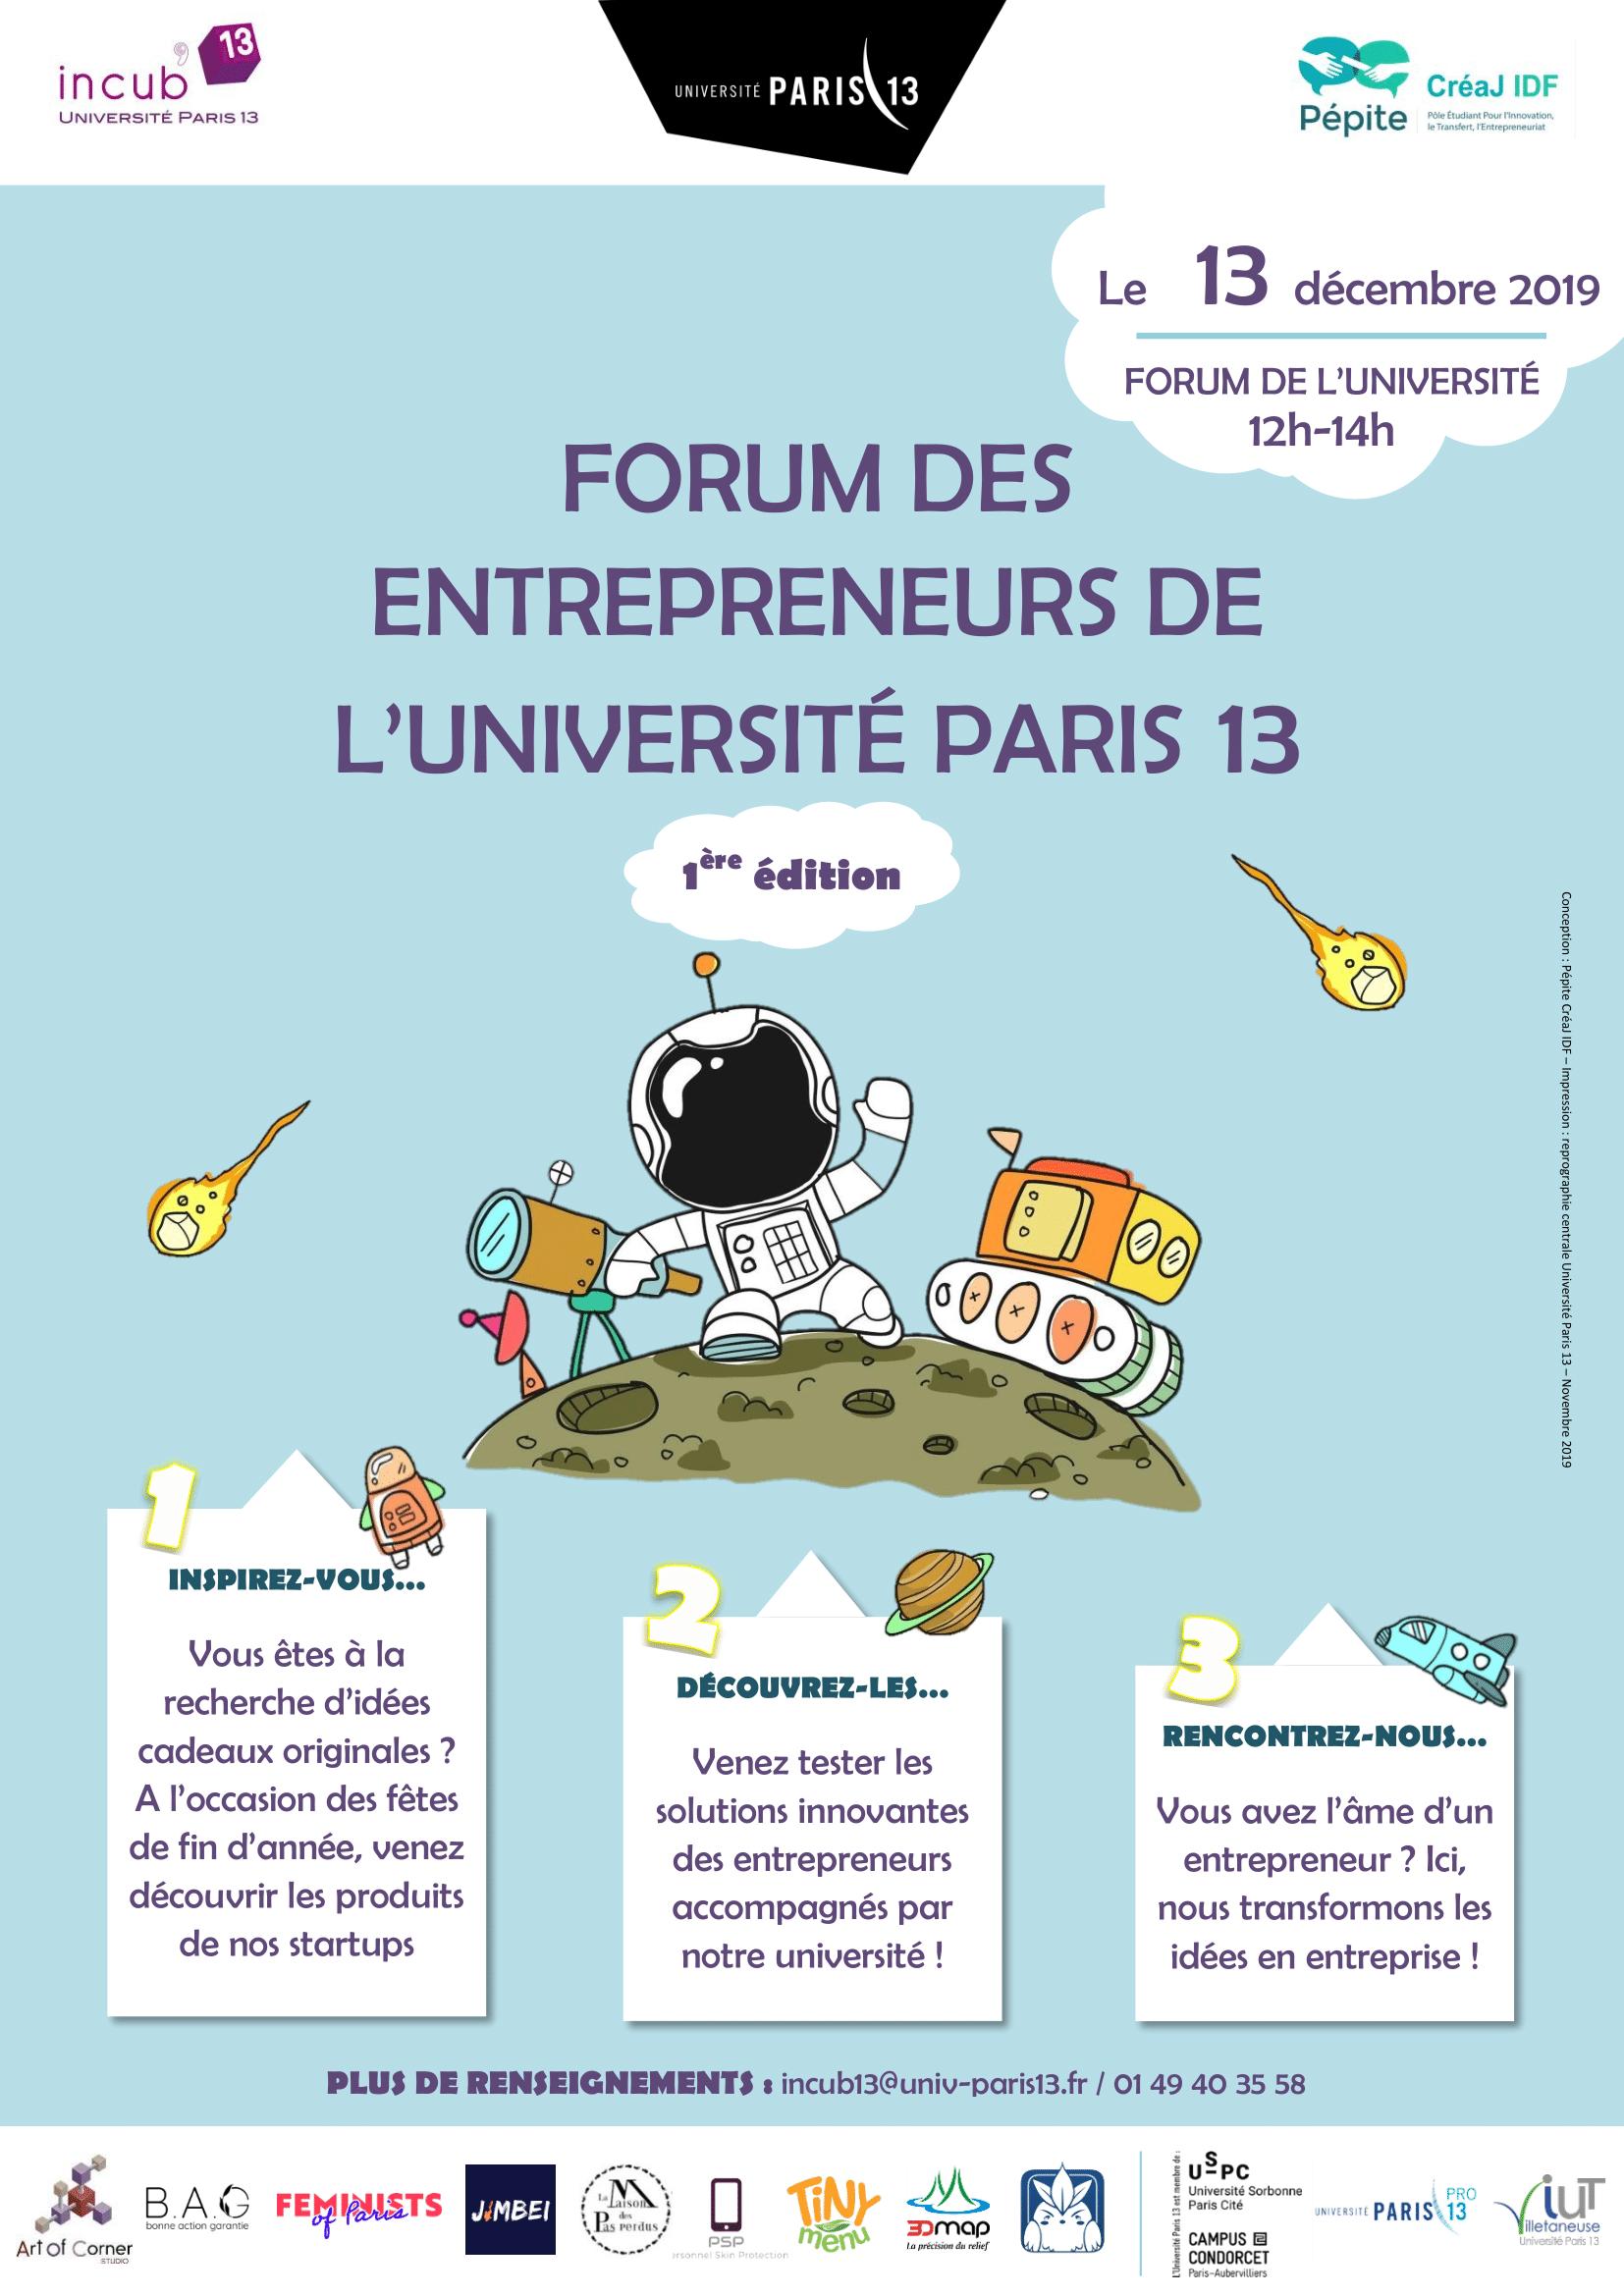 Forum des entrepreneurs 2019 - Portrait + texte